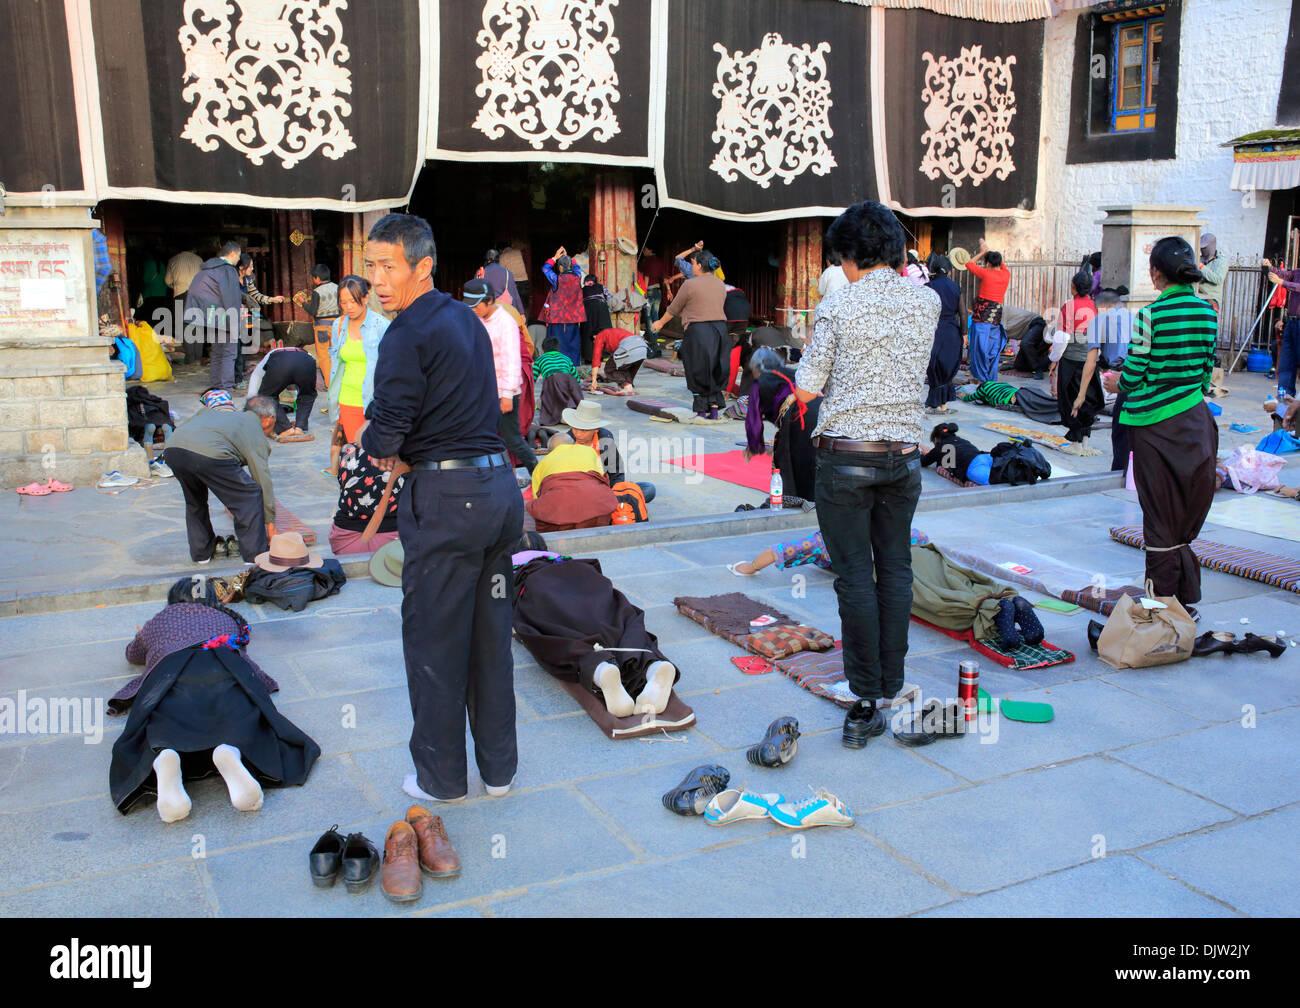 People praying near Jokhang temple, Lhasa, Tibet, China - Stock Image